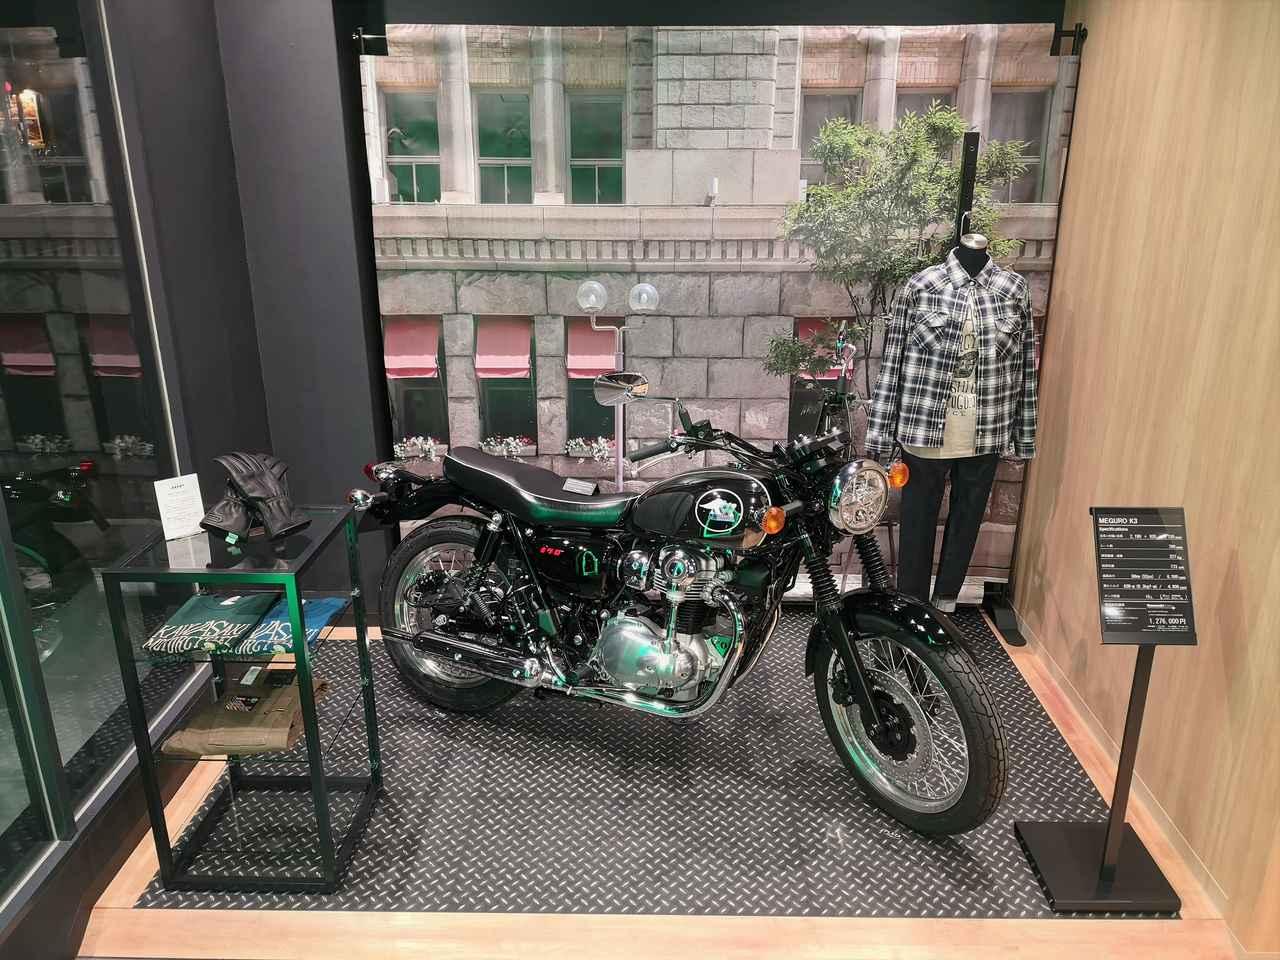 画像: ライフスタイル展示コーナーでは、最新モデルとオリジナルアパレルをコーディネートしてモーターサイクルライフを提案する。